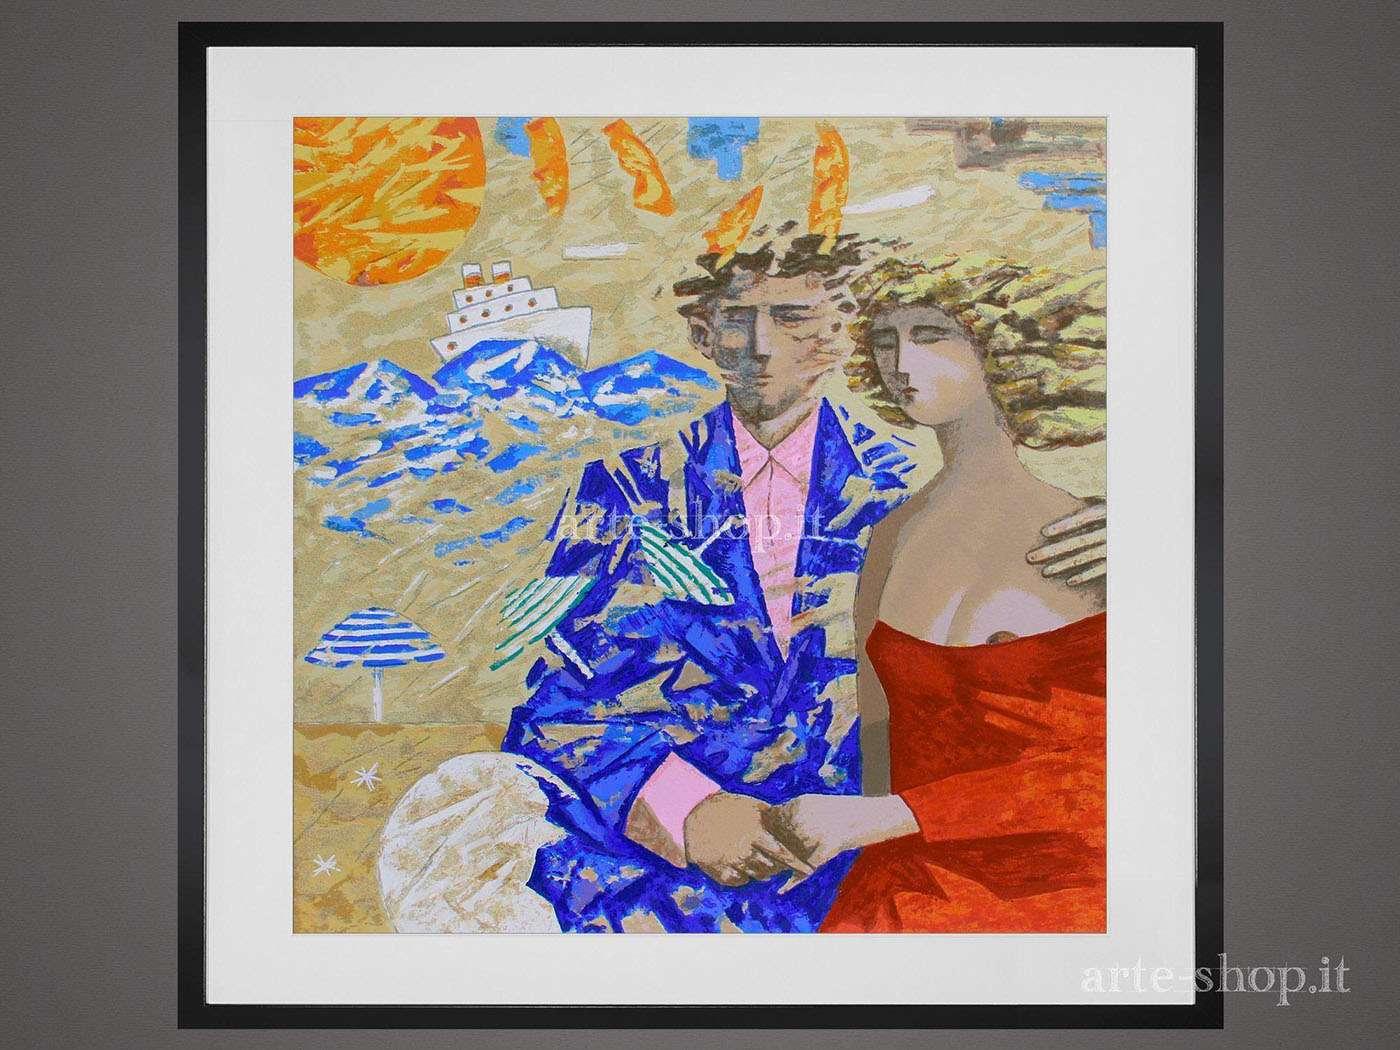 Serigrafia Giampaolo Talani - Amanti marini